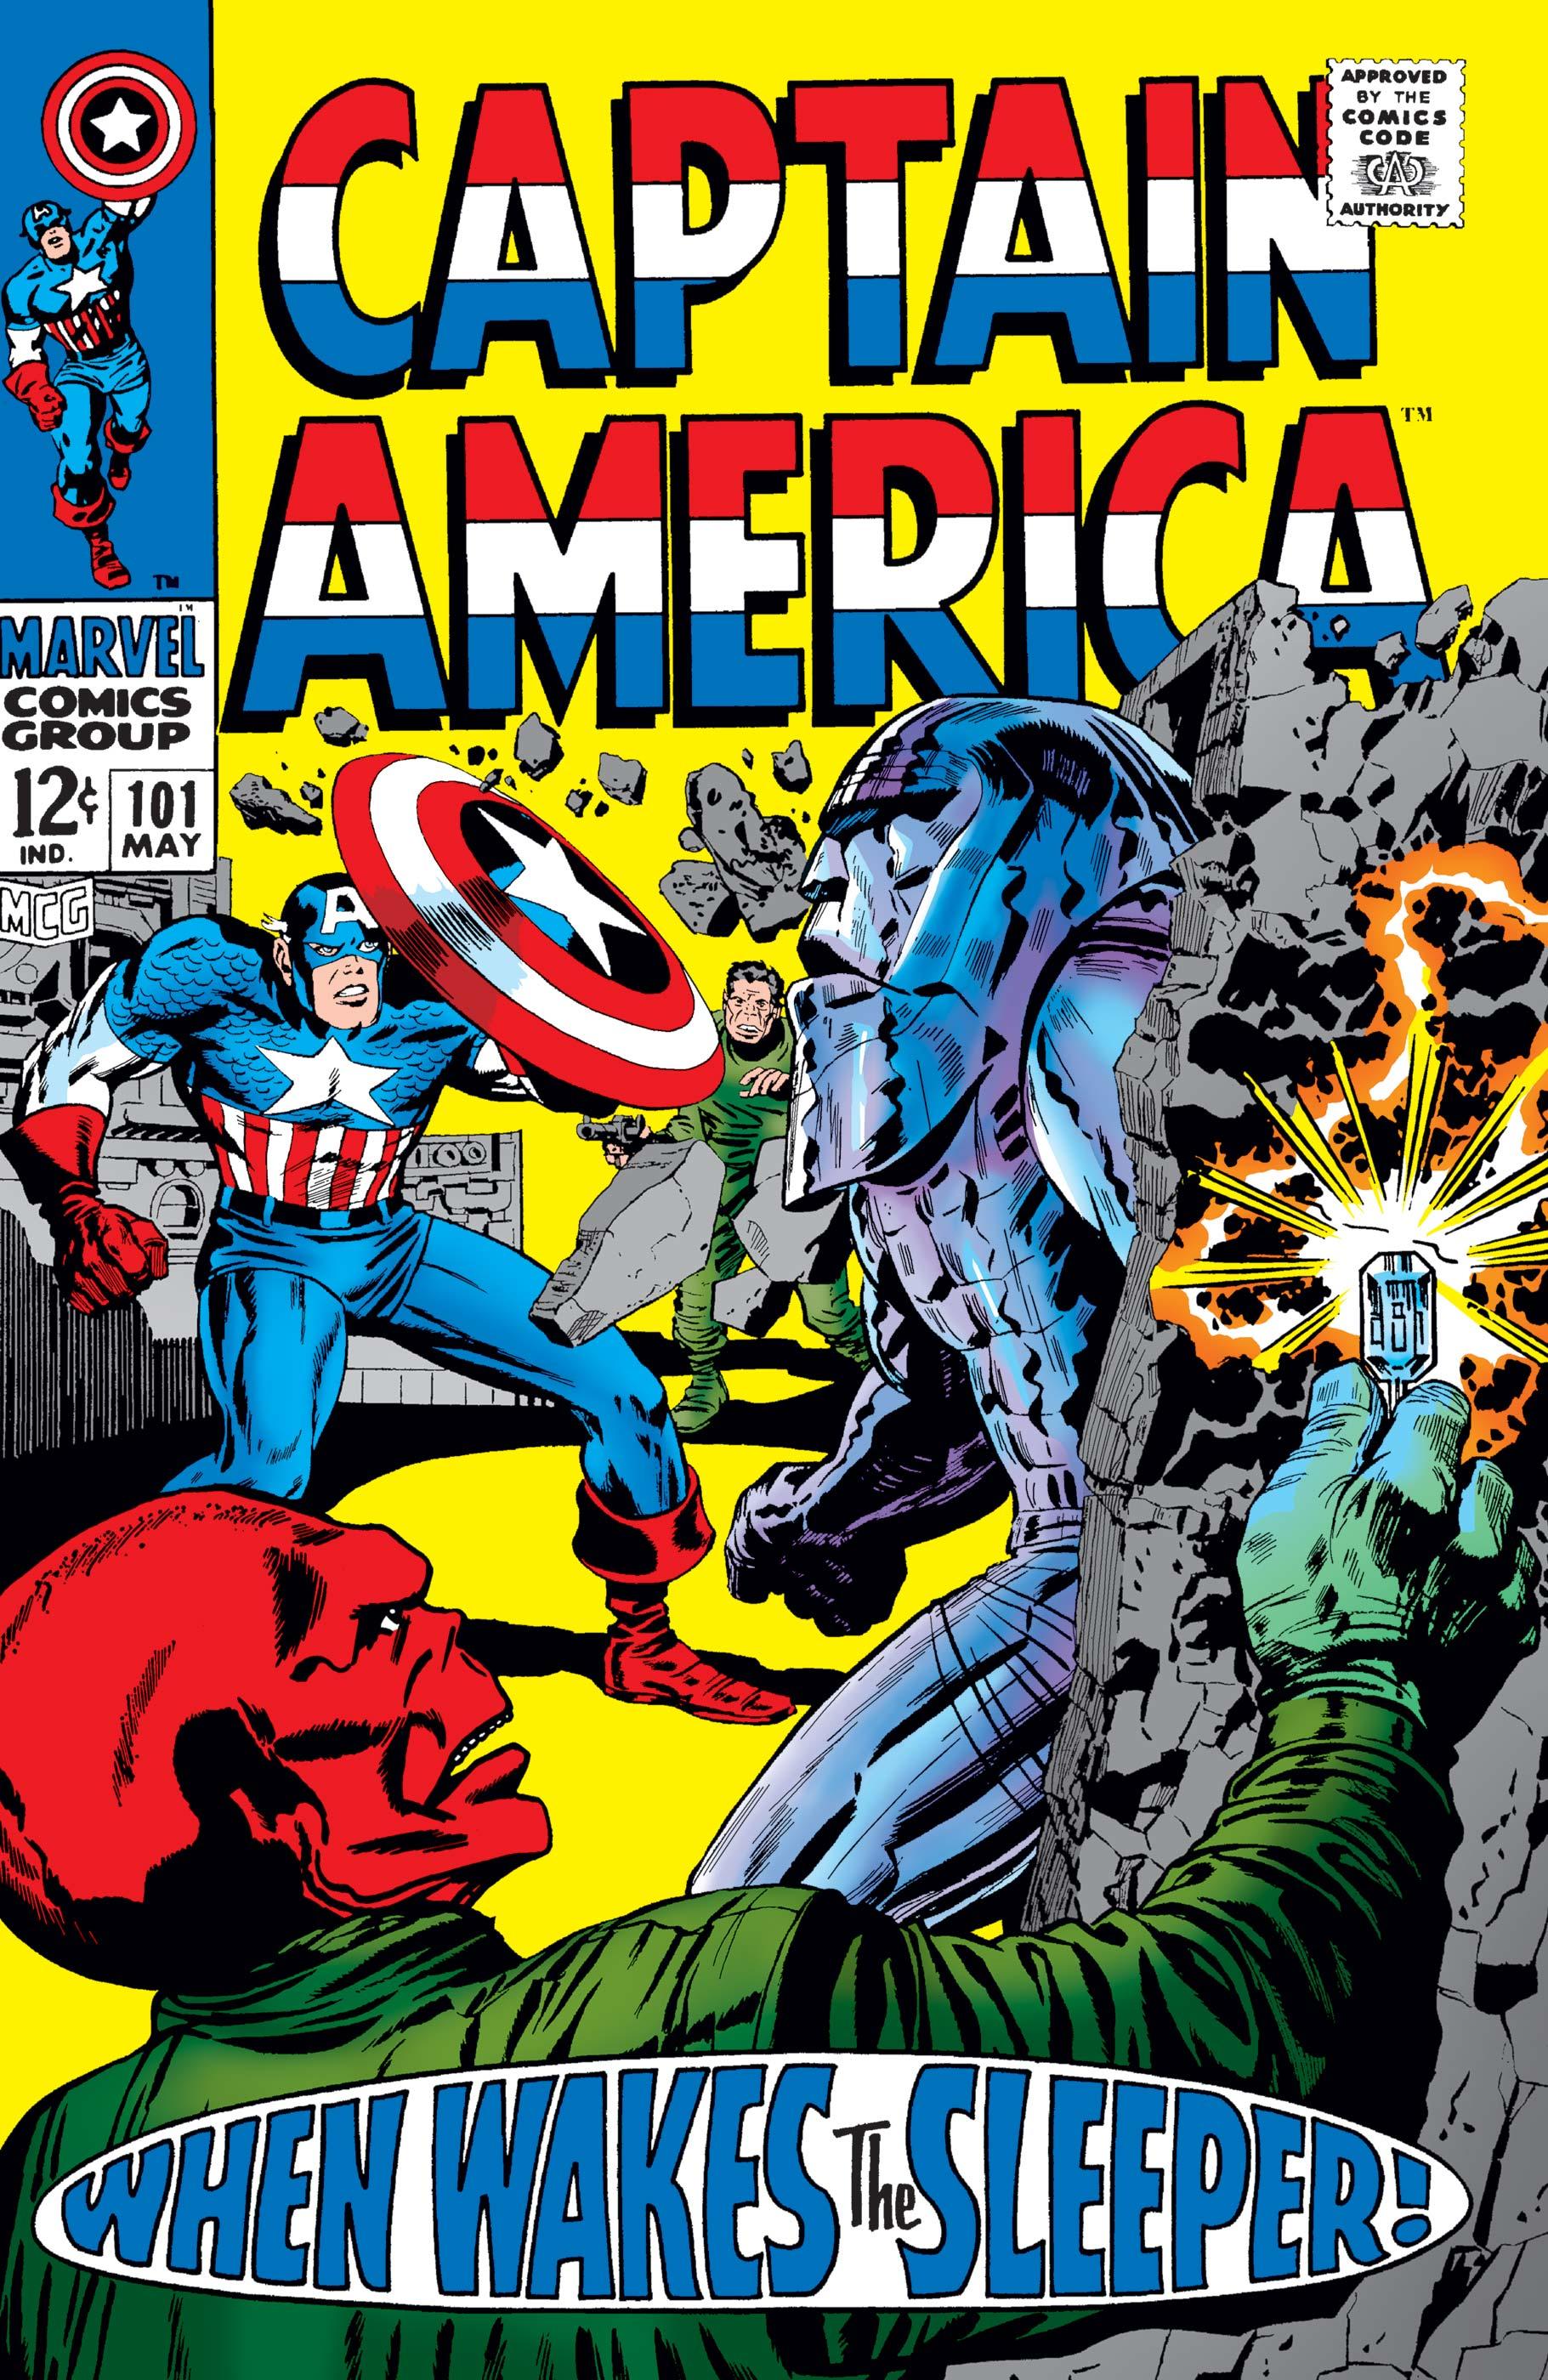 Captain America (1968) #101